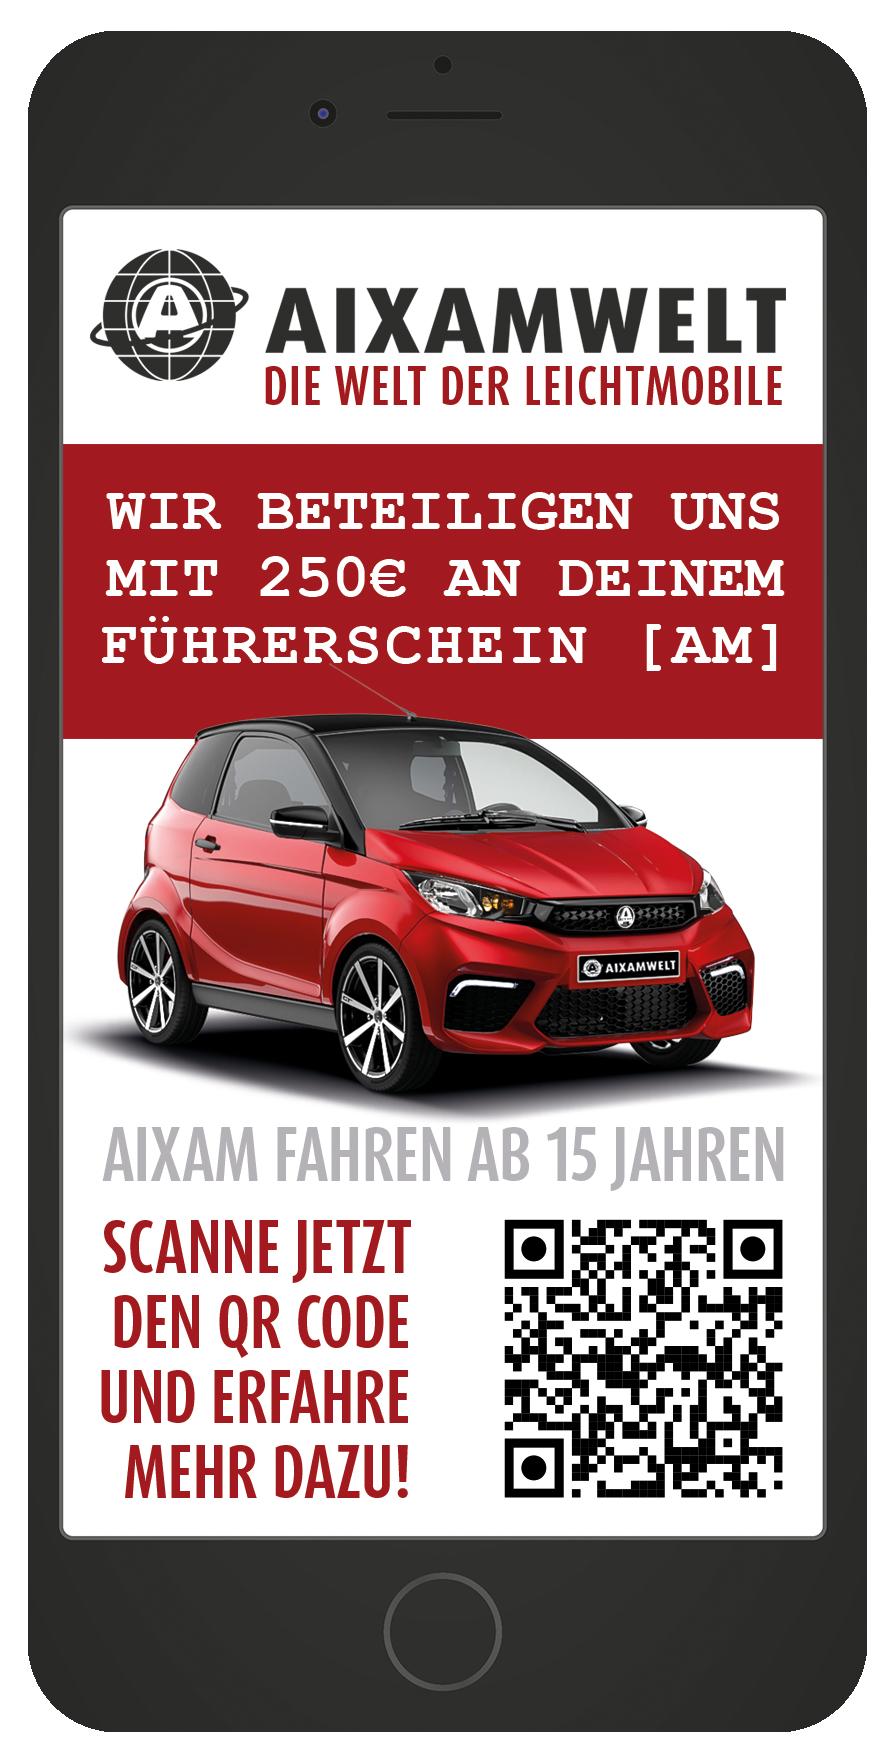 AIXAMWELT Aktion Zuschuss zu deinem Führerschein AM Smartphone Flyer vorne